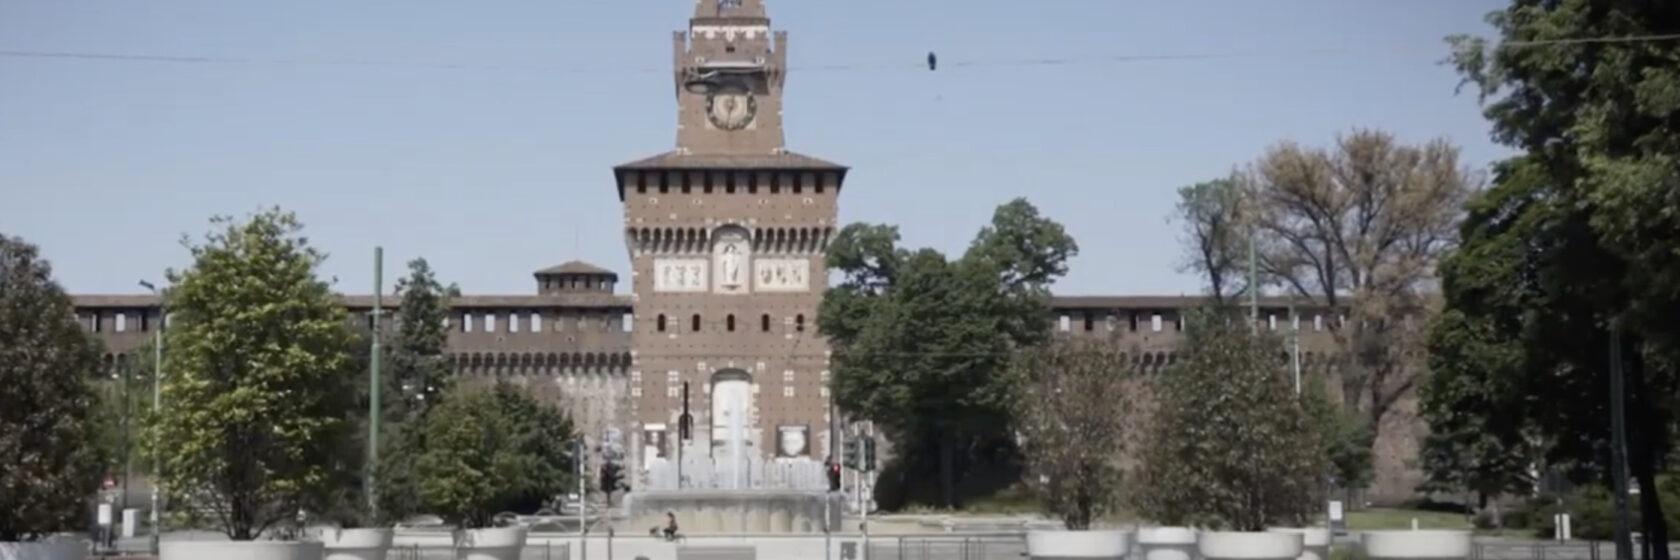 piazza castello vuota covid 19